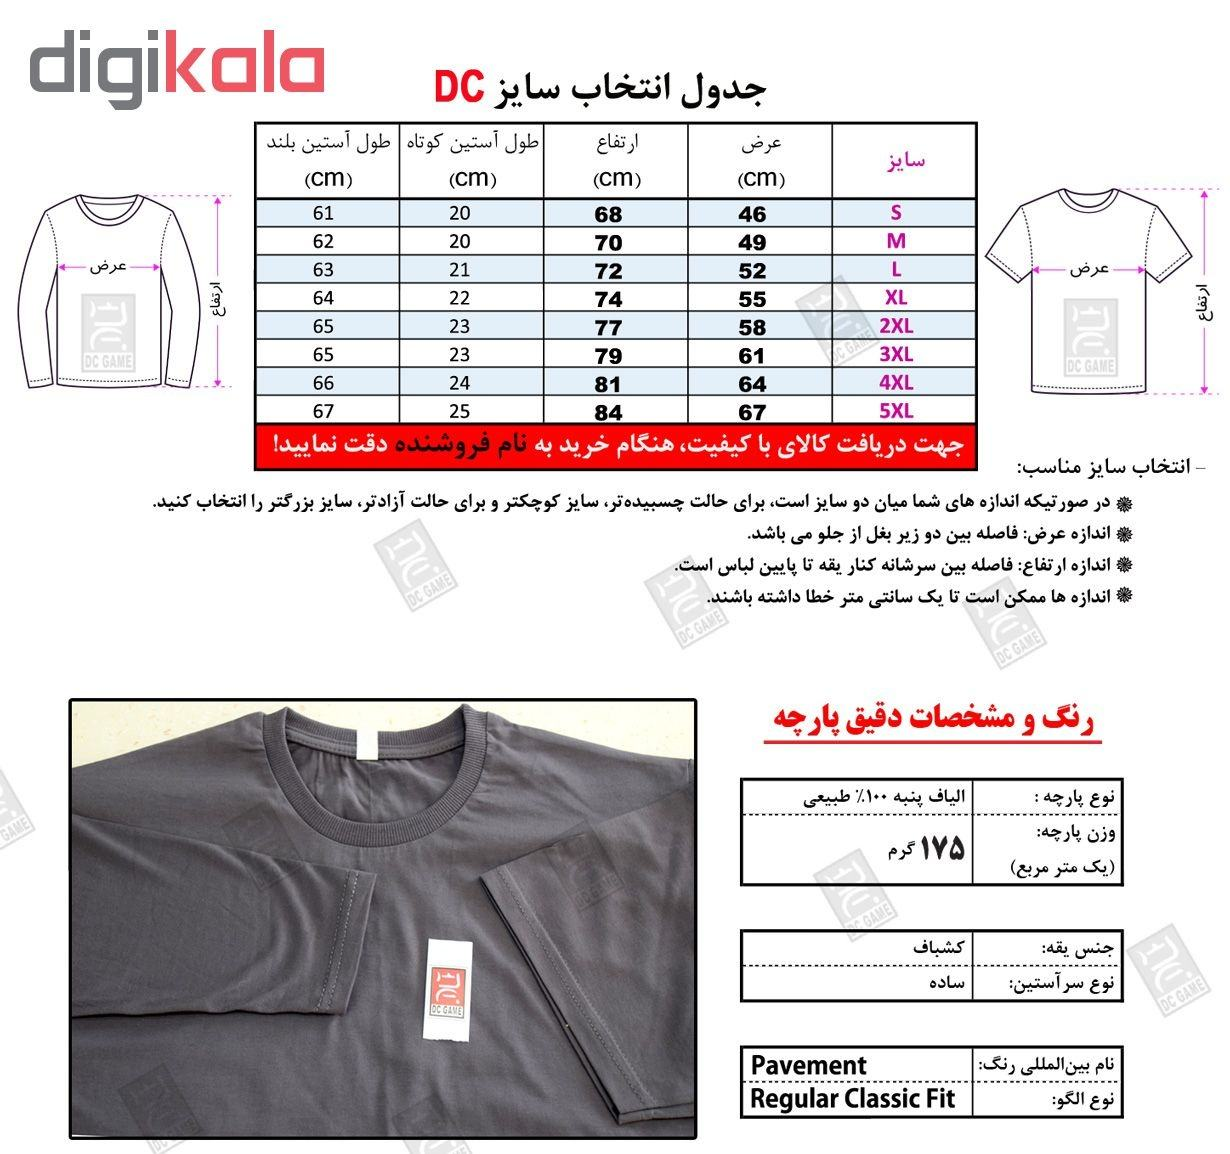 تیشرت آستین کوتاه مردانه فروشگاه دی سی کد DC-1PGY رنگ نوک مدادی main 1 1